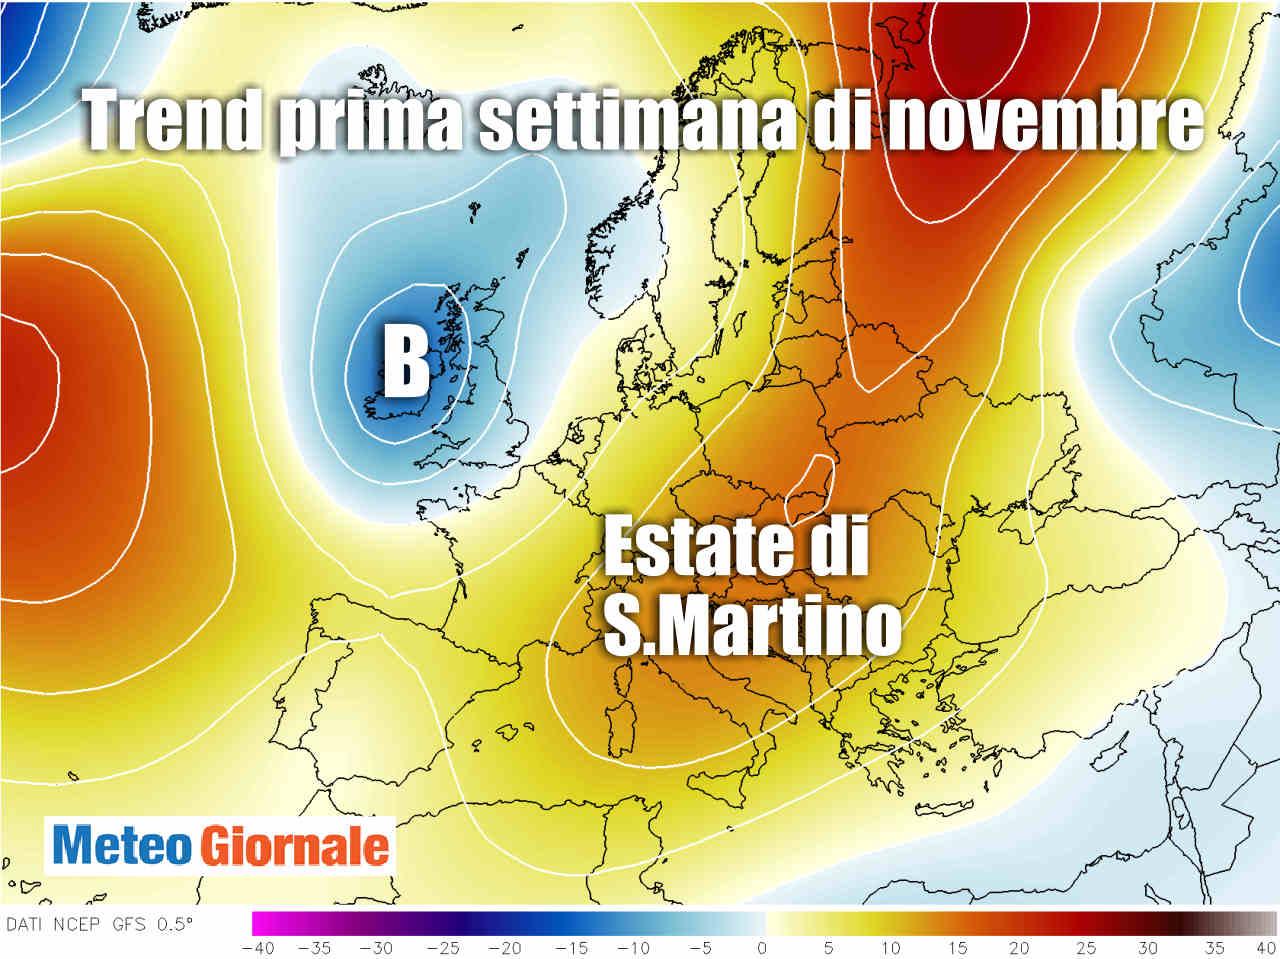 meteo novembre 1 - Meteo Ognissanti, come al solito ANTICICLONE. Caldo o mite vedremo